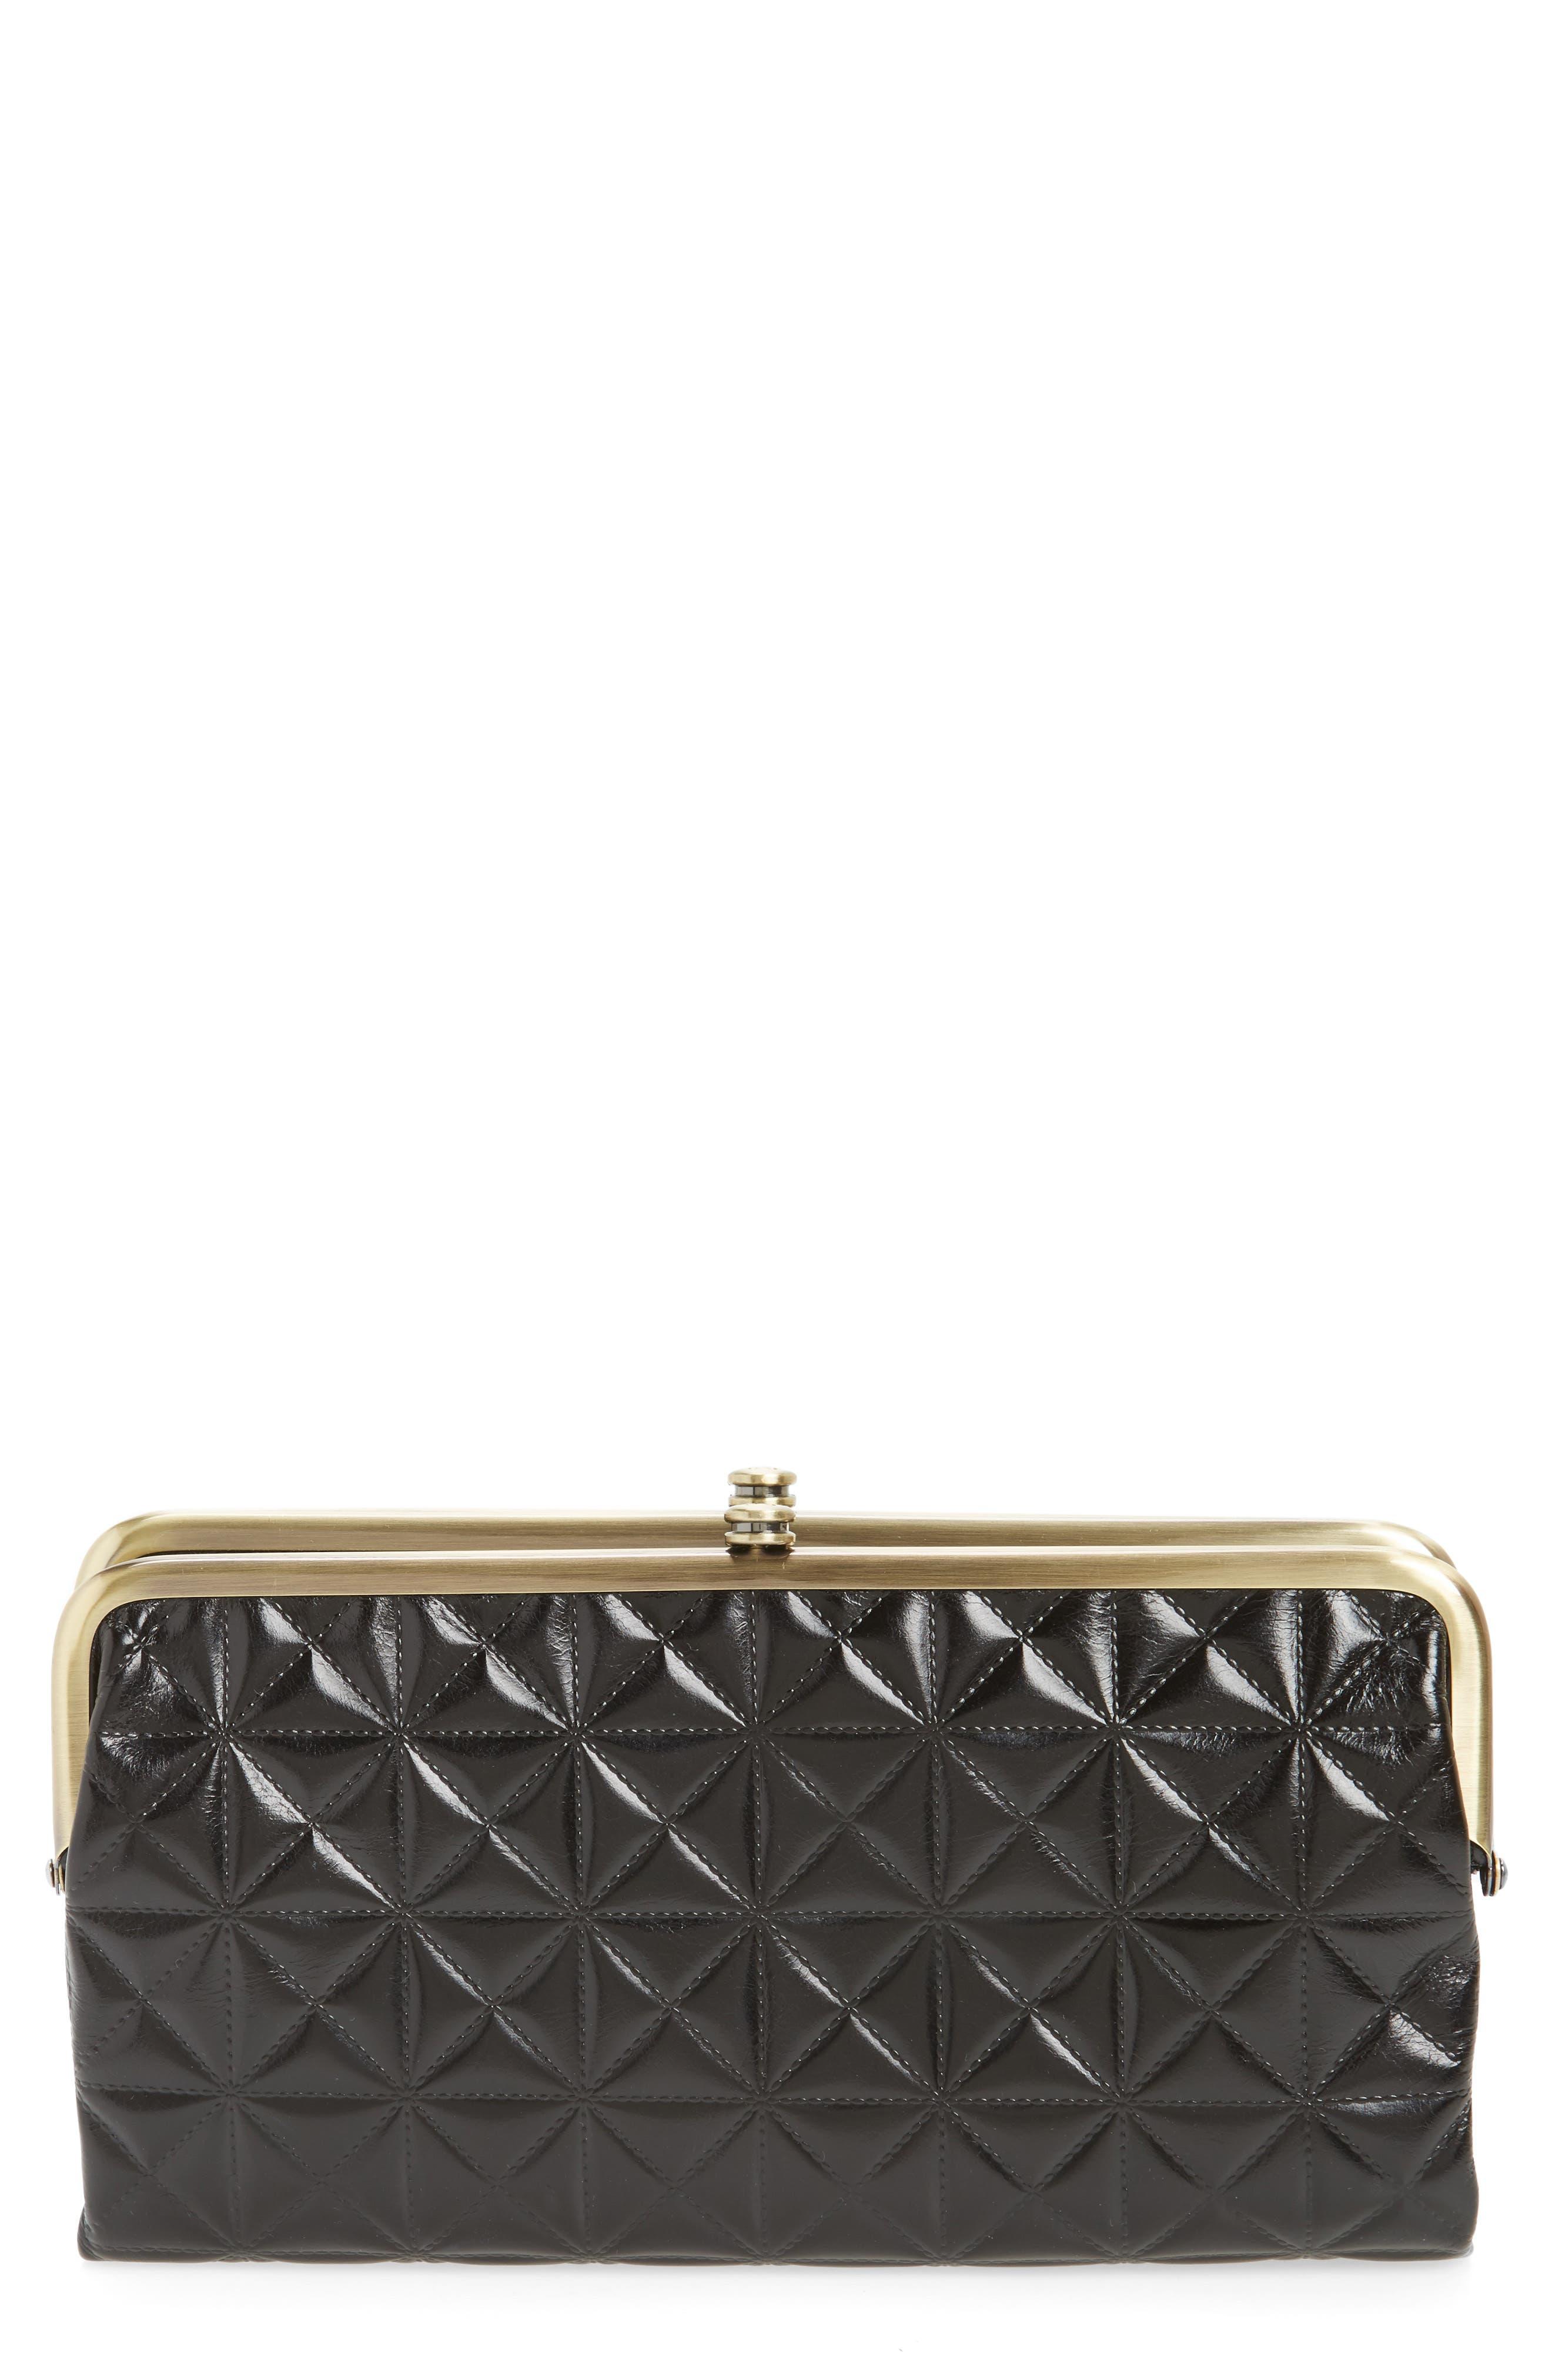 Hobo Lauren Quilted Calfskin Leather Wallet